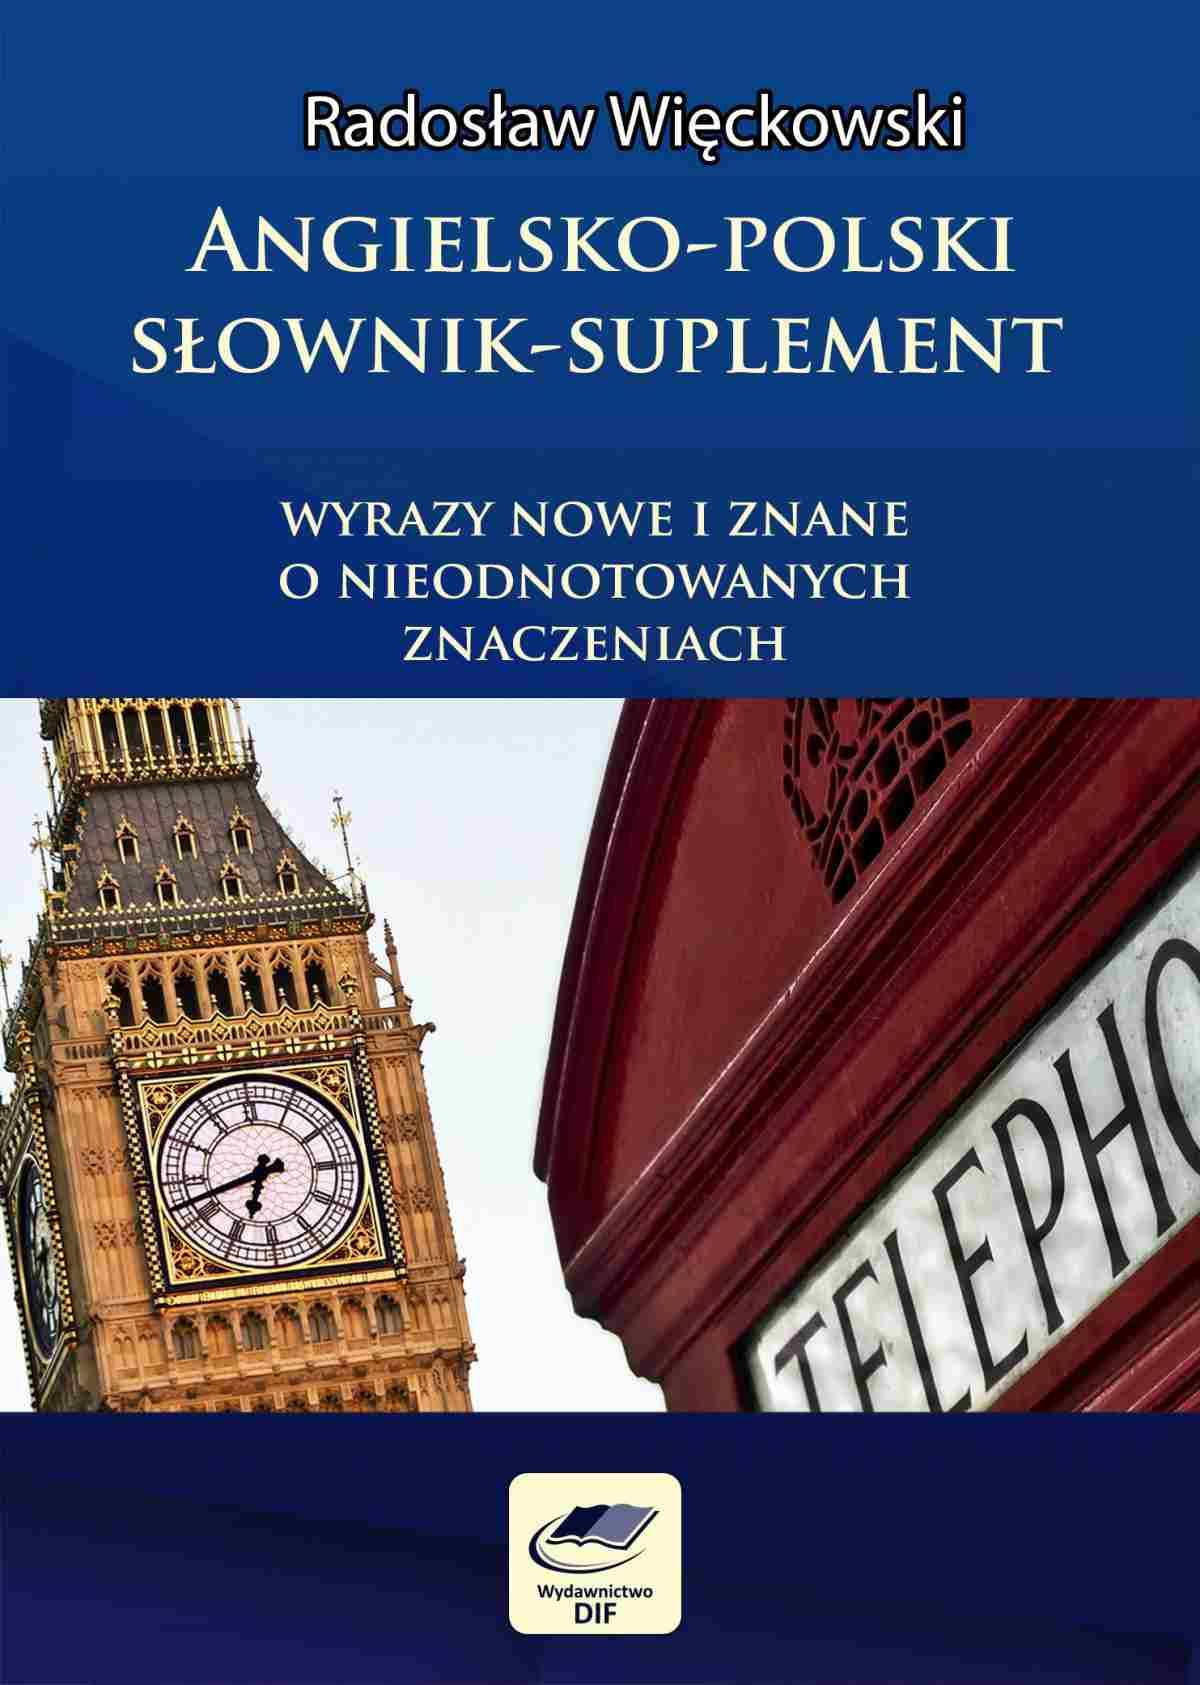 Angielsko-polski słownik suplement. Wyrazy nowe i znane o nieodnotowanych znaczeniach - Ebook (Książka PDF) do pobrania w formacie PDF